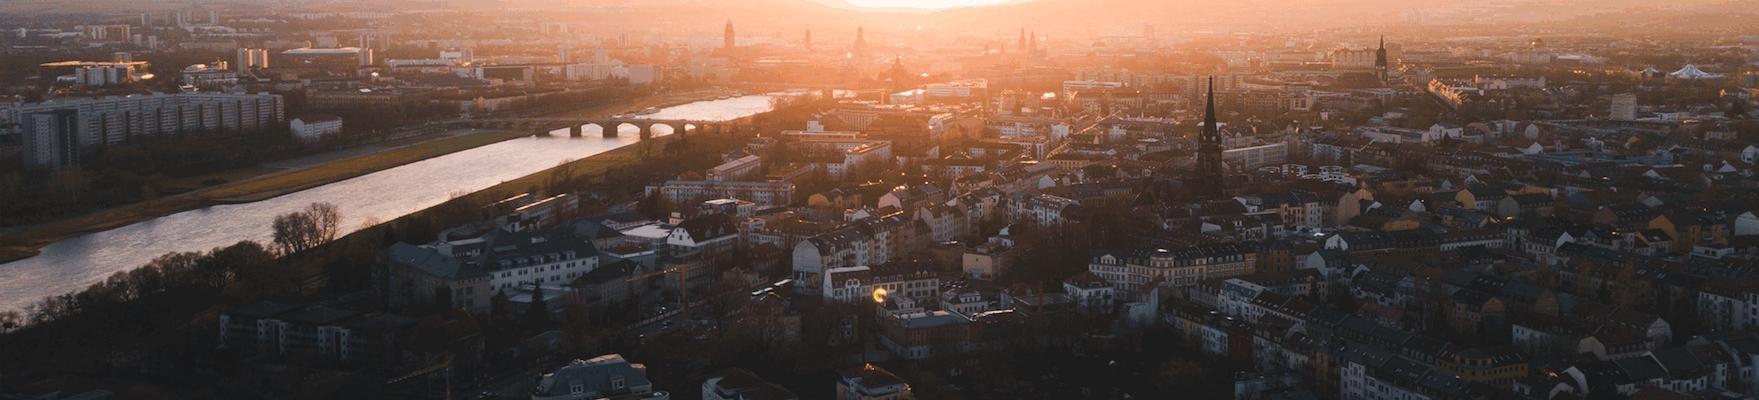 Lustige Stadtrundfahrt in sächischer Mundart Dresden  2.11.